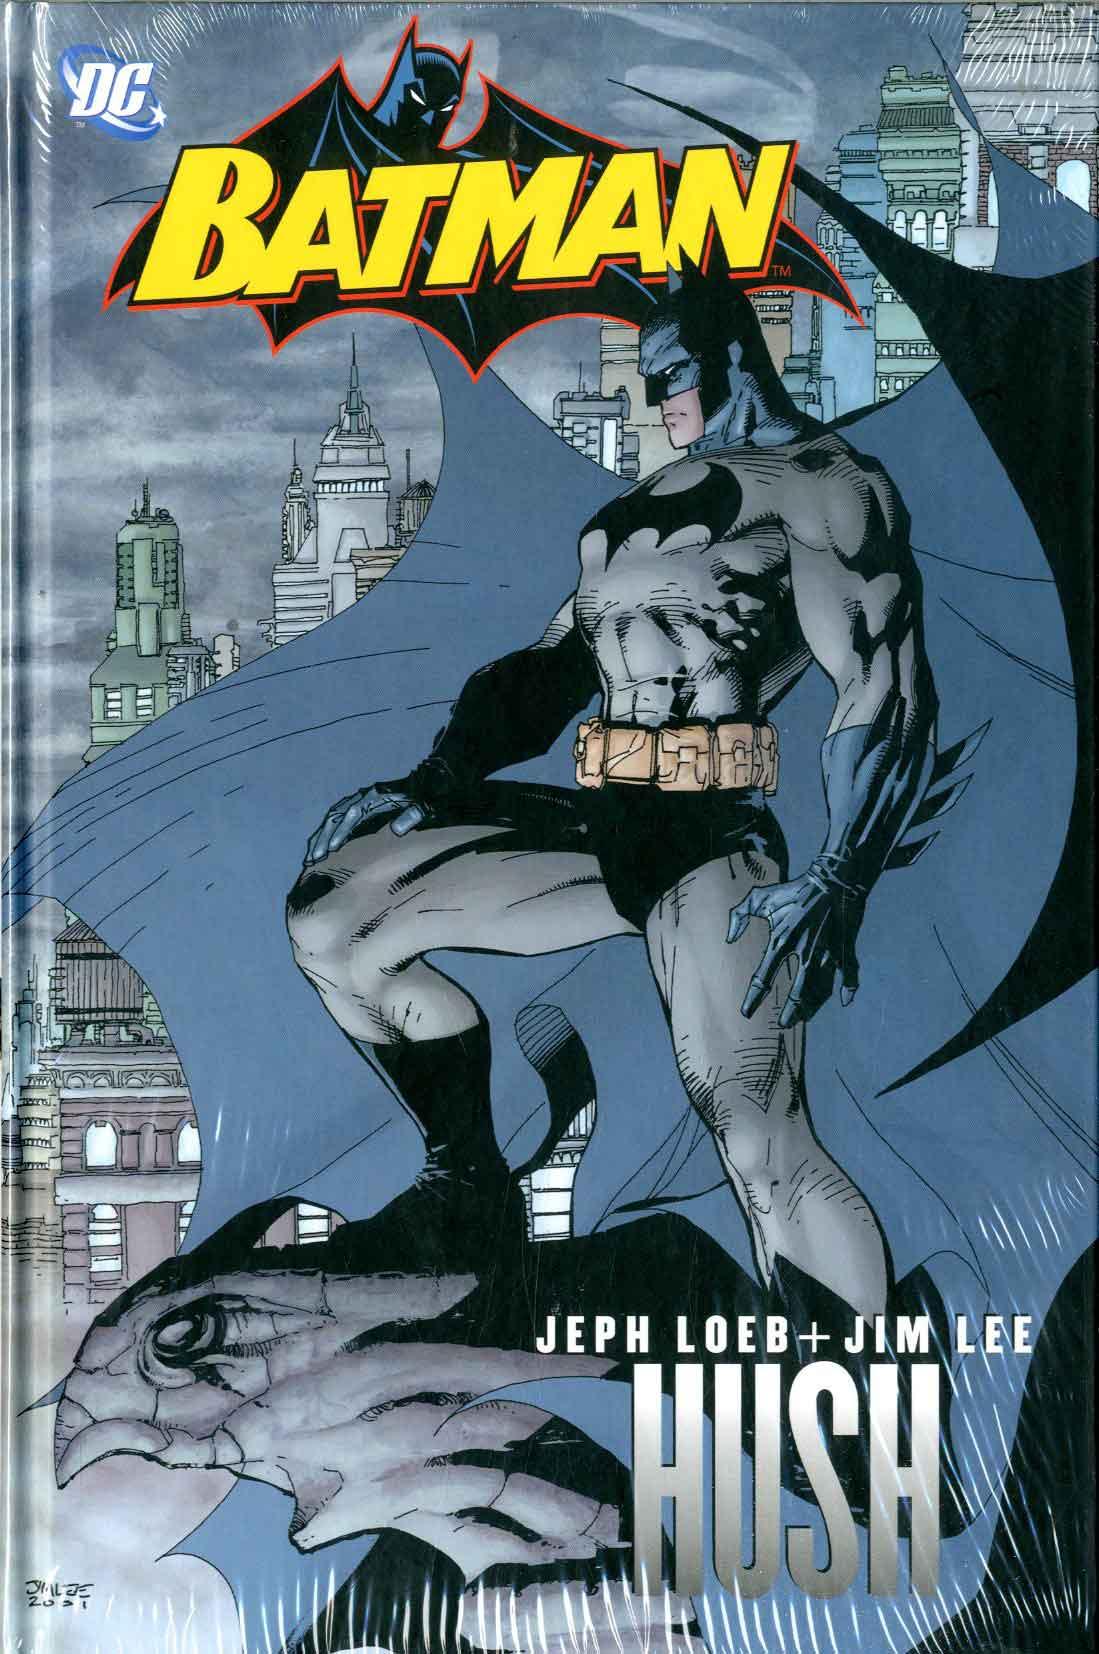 il primo fumetto di Batman